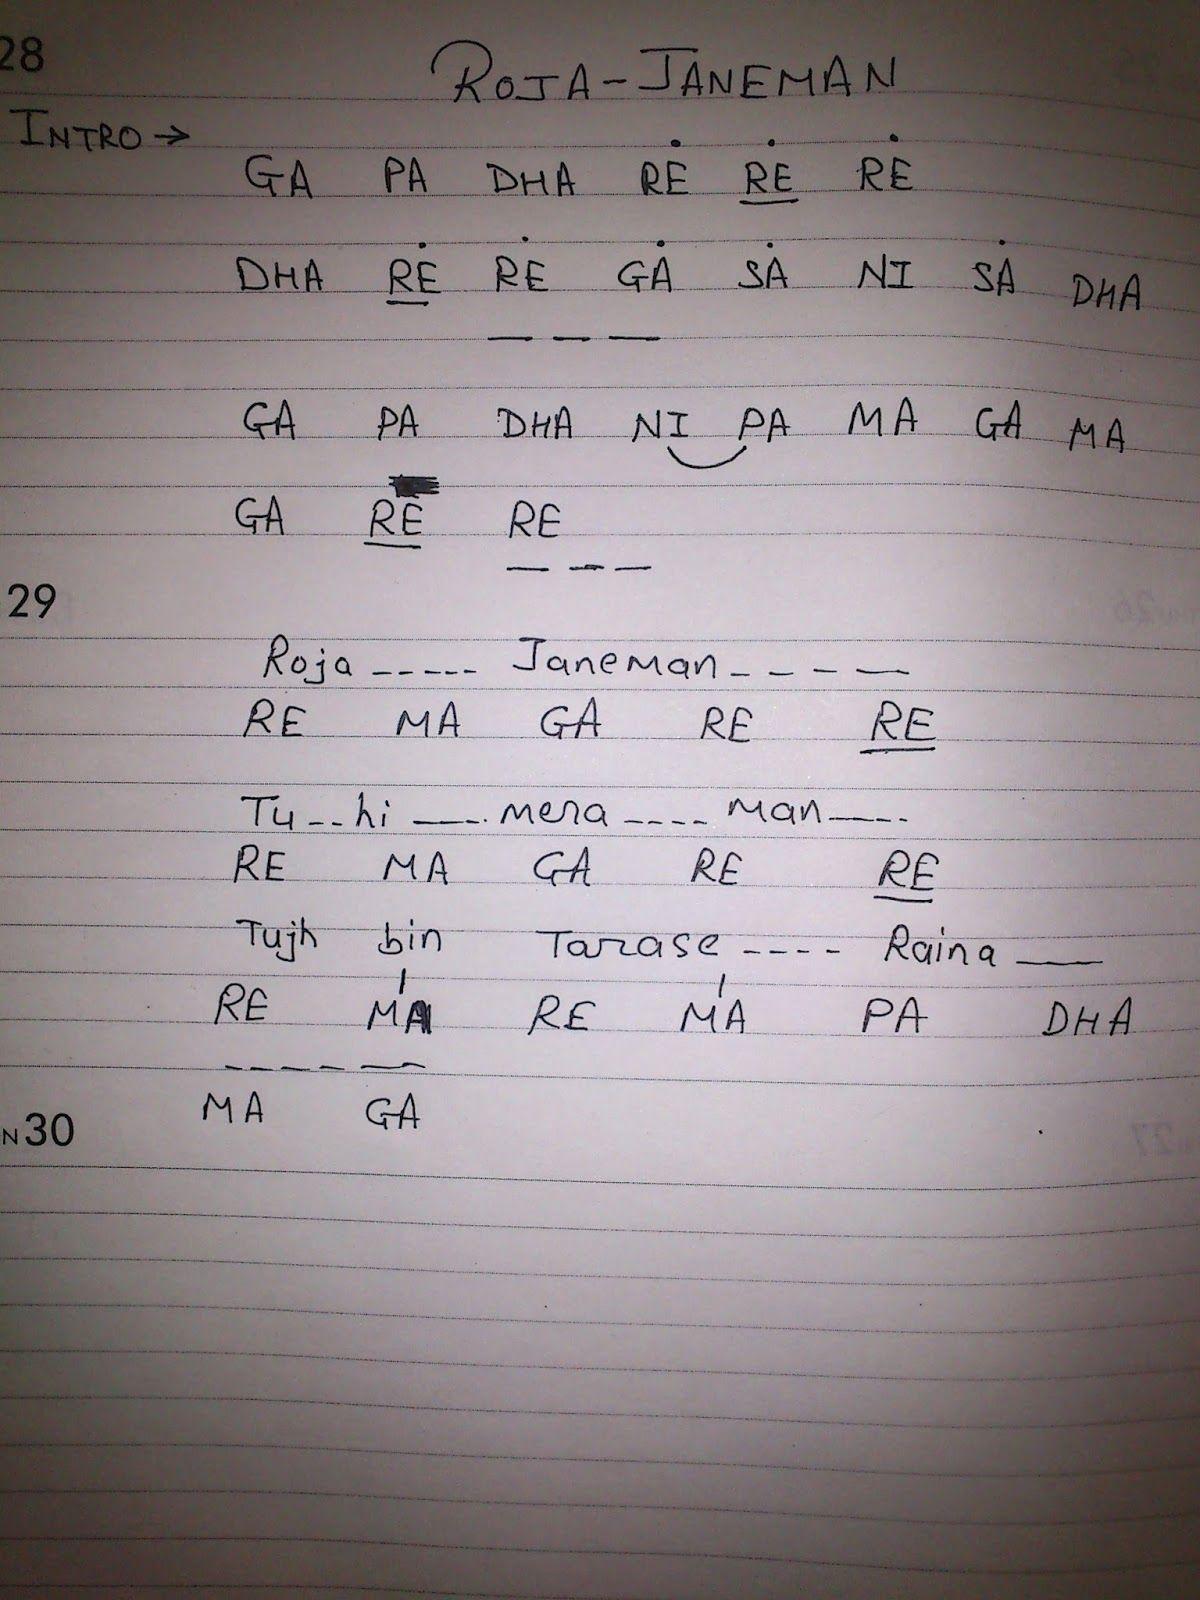 Beginner Tamil Songs Keyboard Notes Pdf - Free Wallpapers